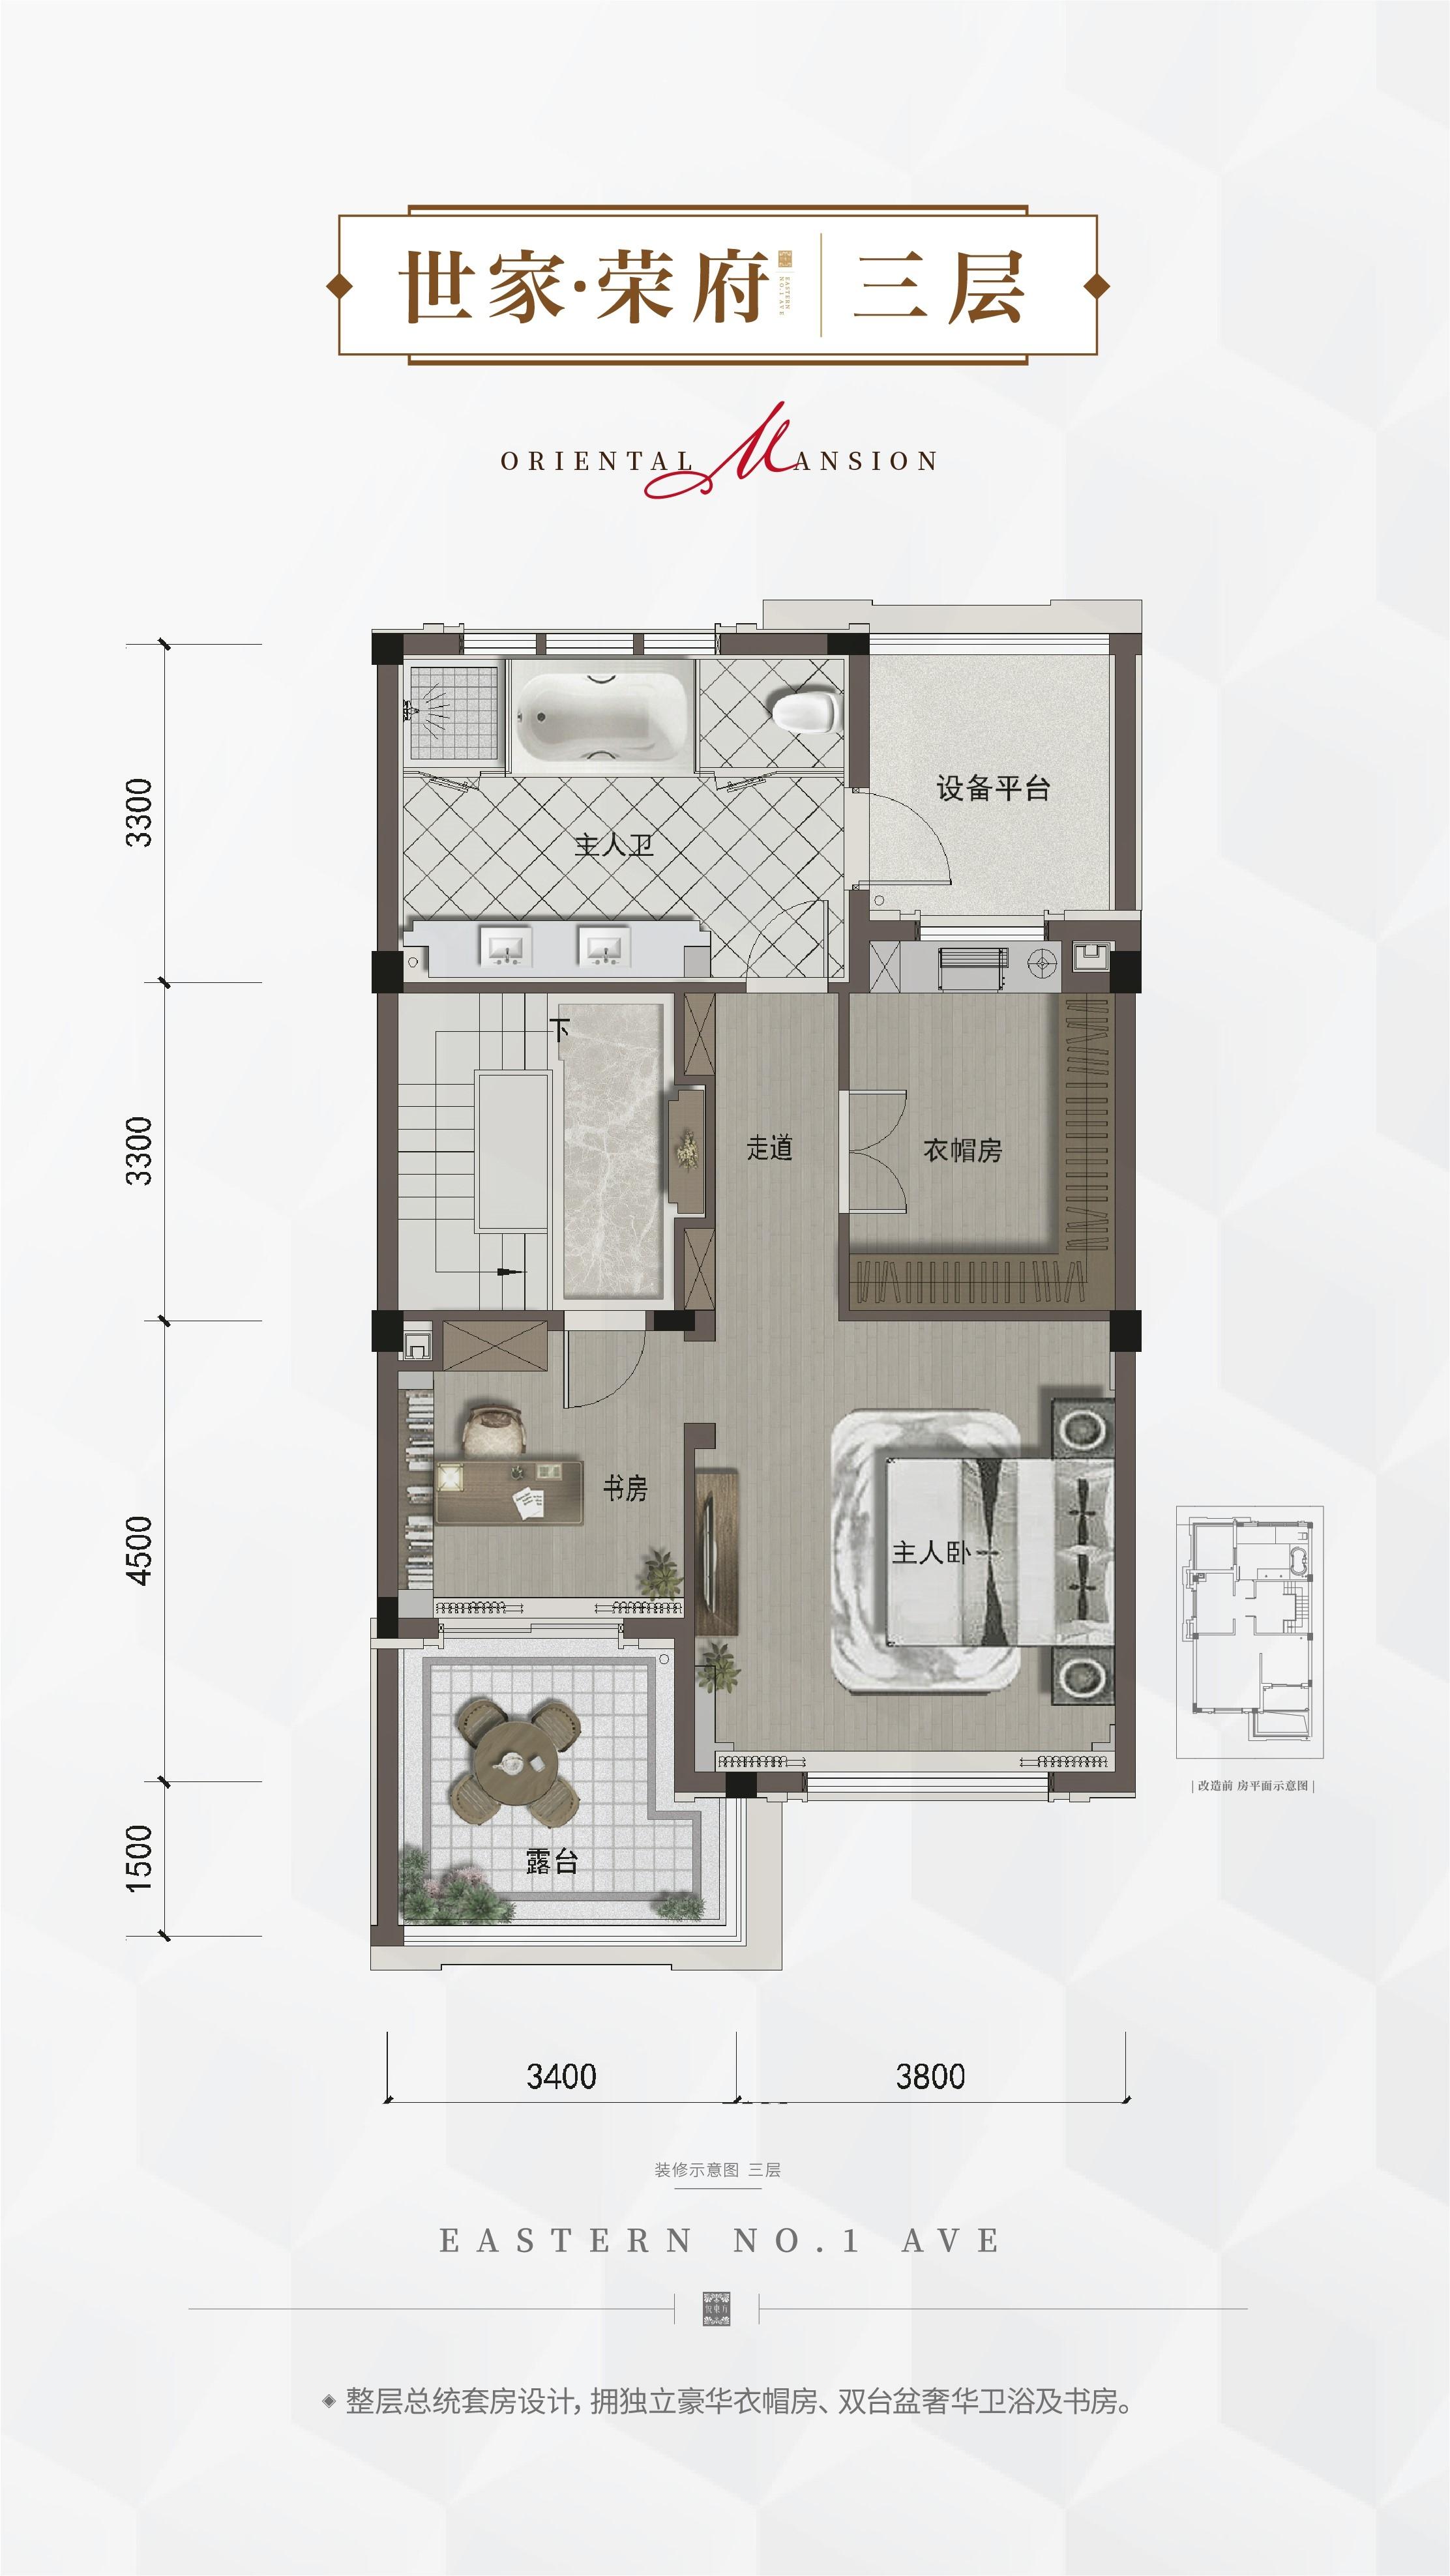 杭房悦东方排屋户型211方(三层)